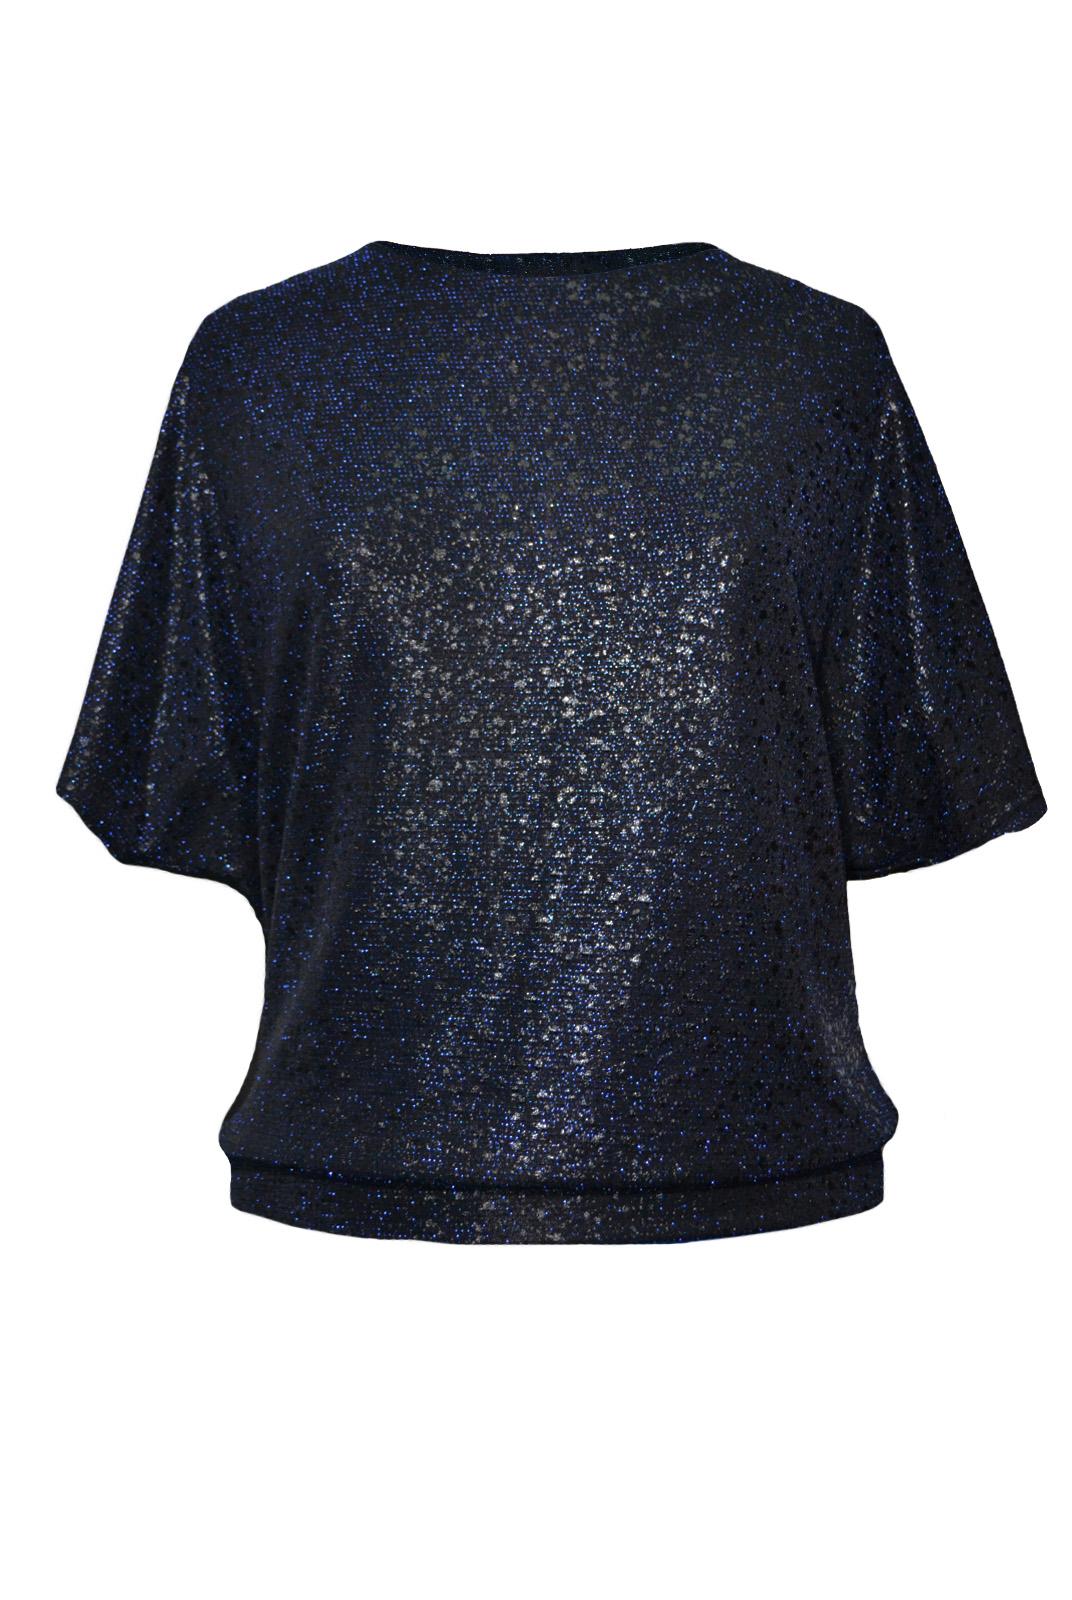 Трикотажные блузки купить в интернет магазине